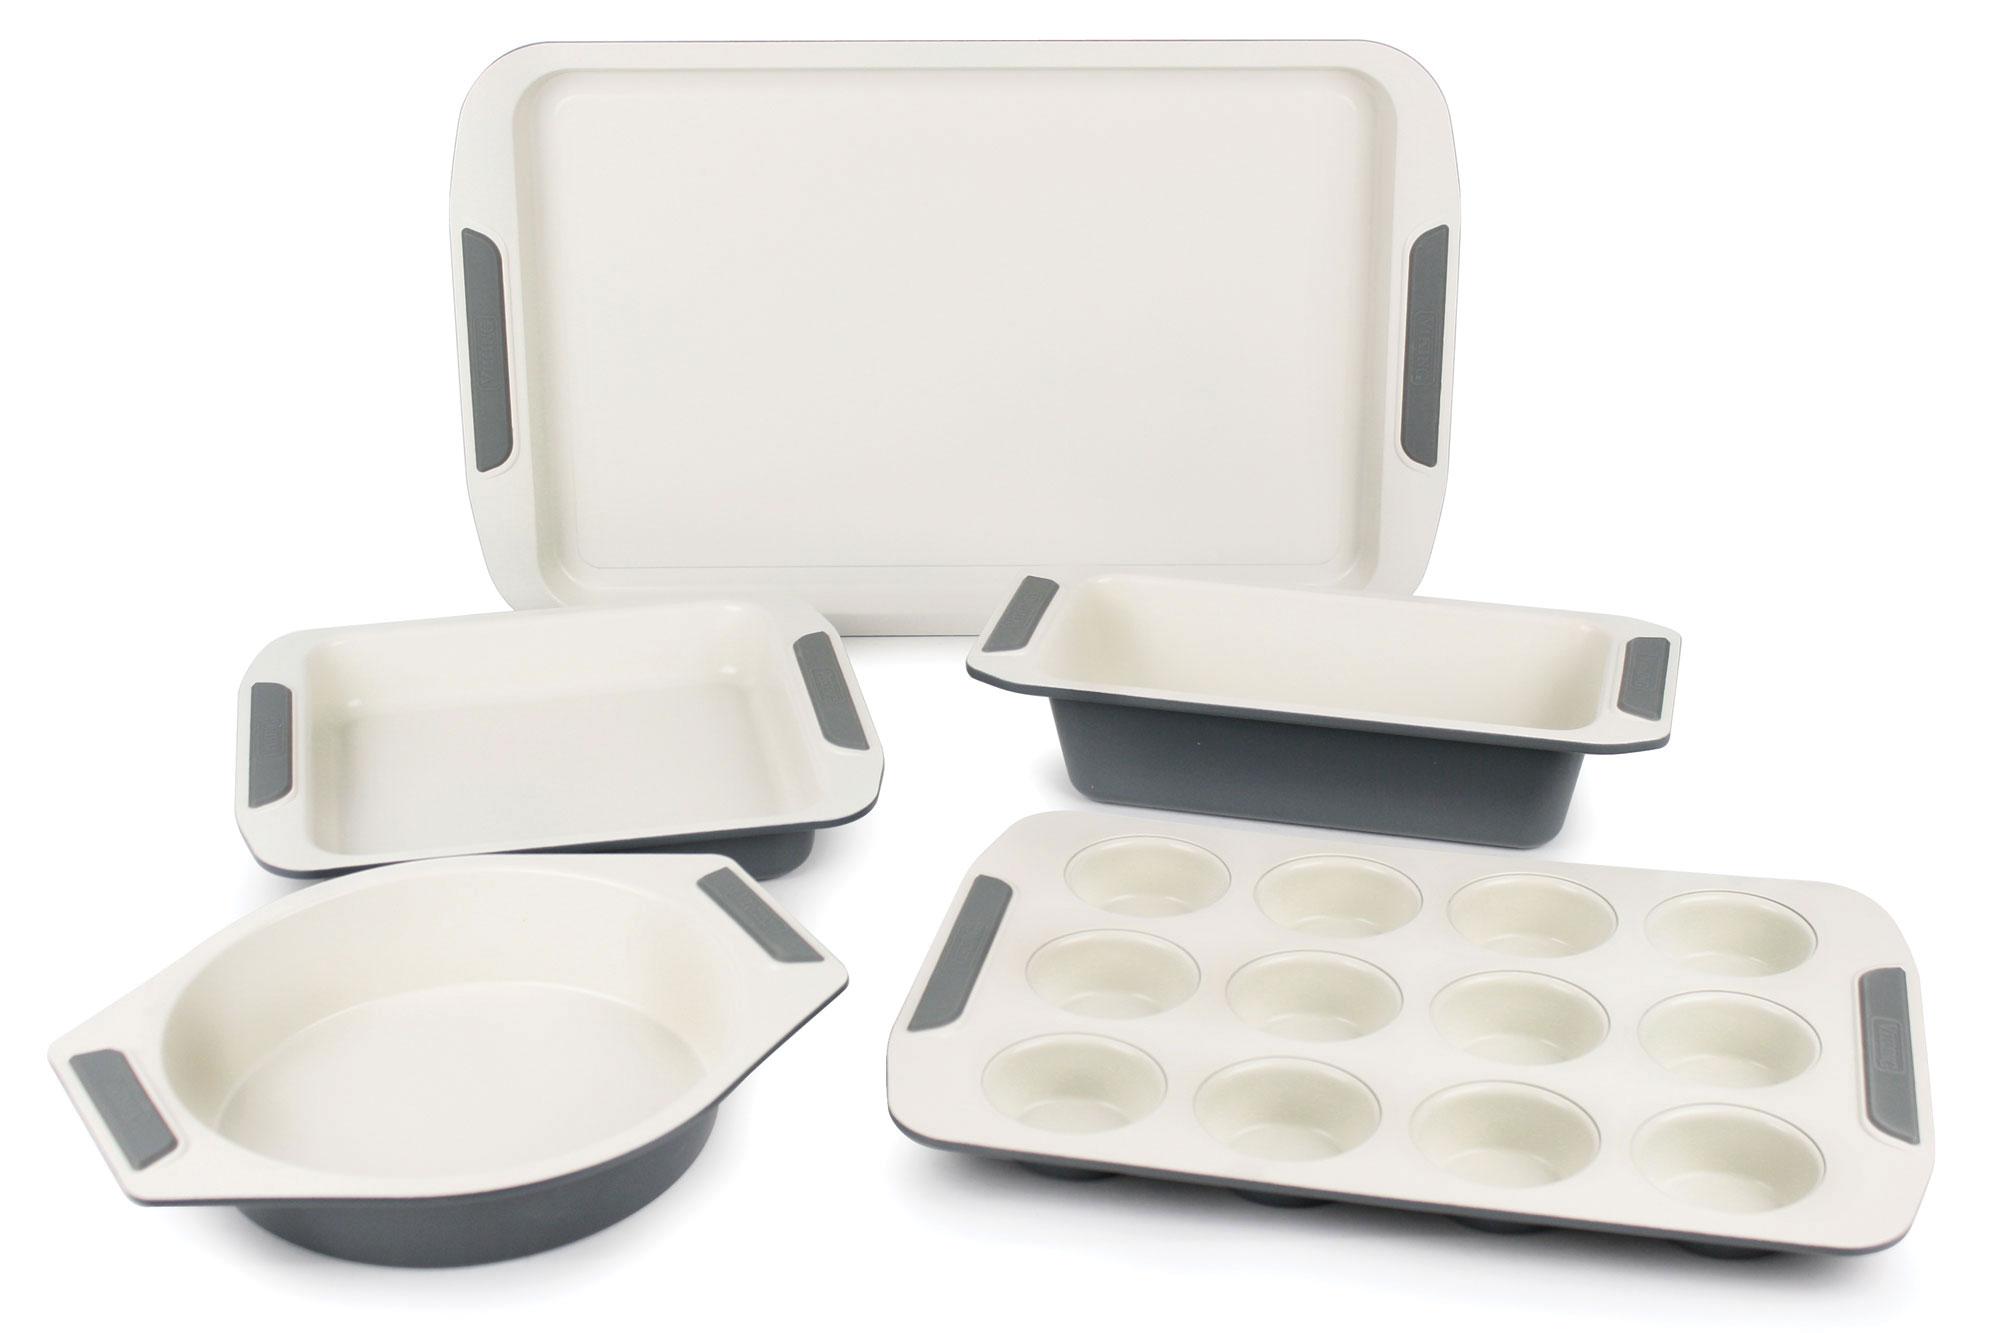 Viking Bakeware Set Ceramic Nonstick 5 Piece Baking Pans